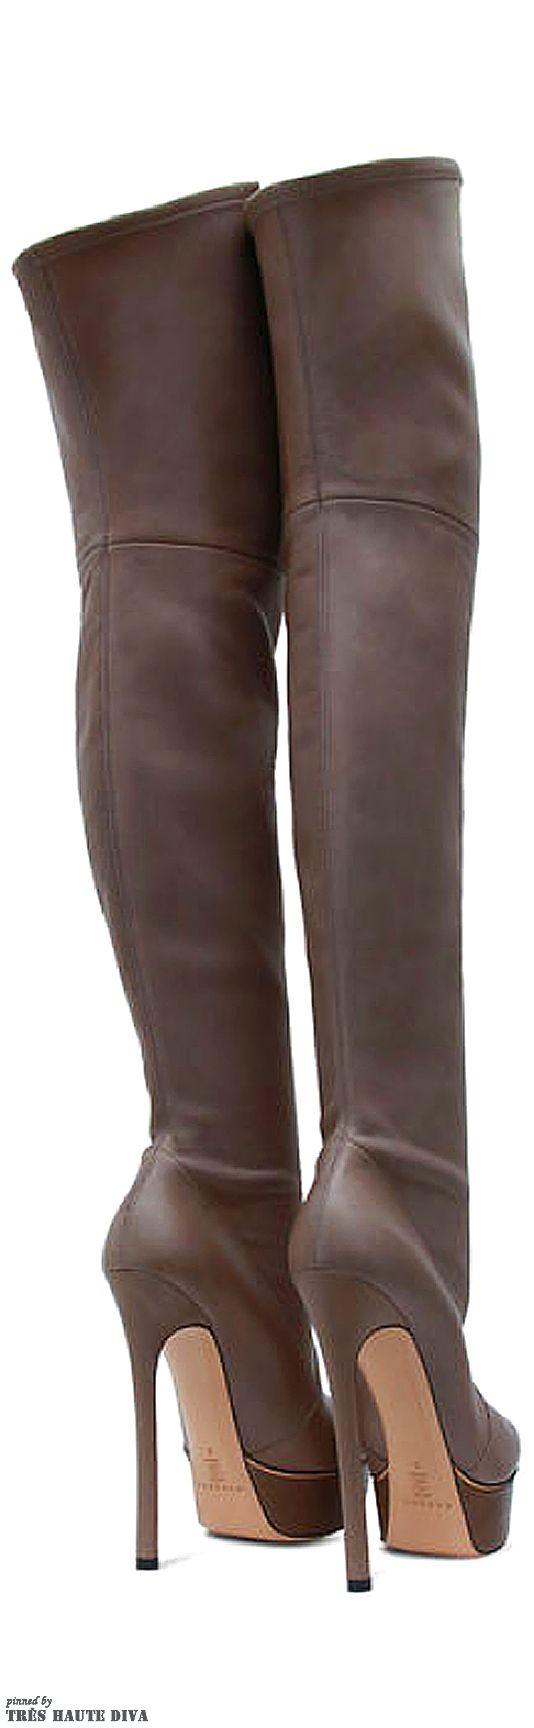 best 20 thigh high platform boots ideas on